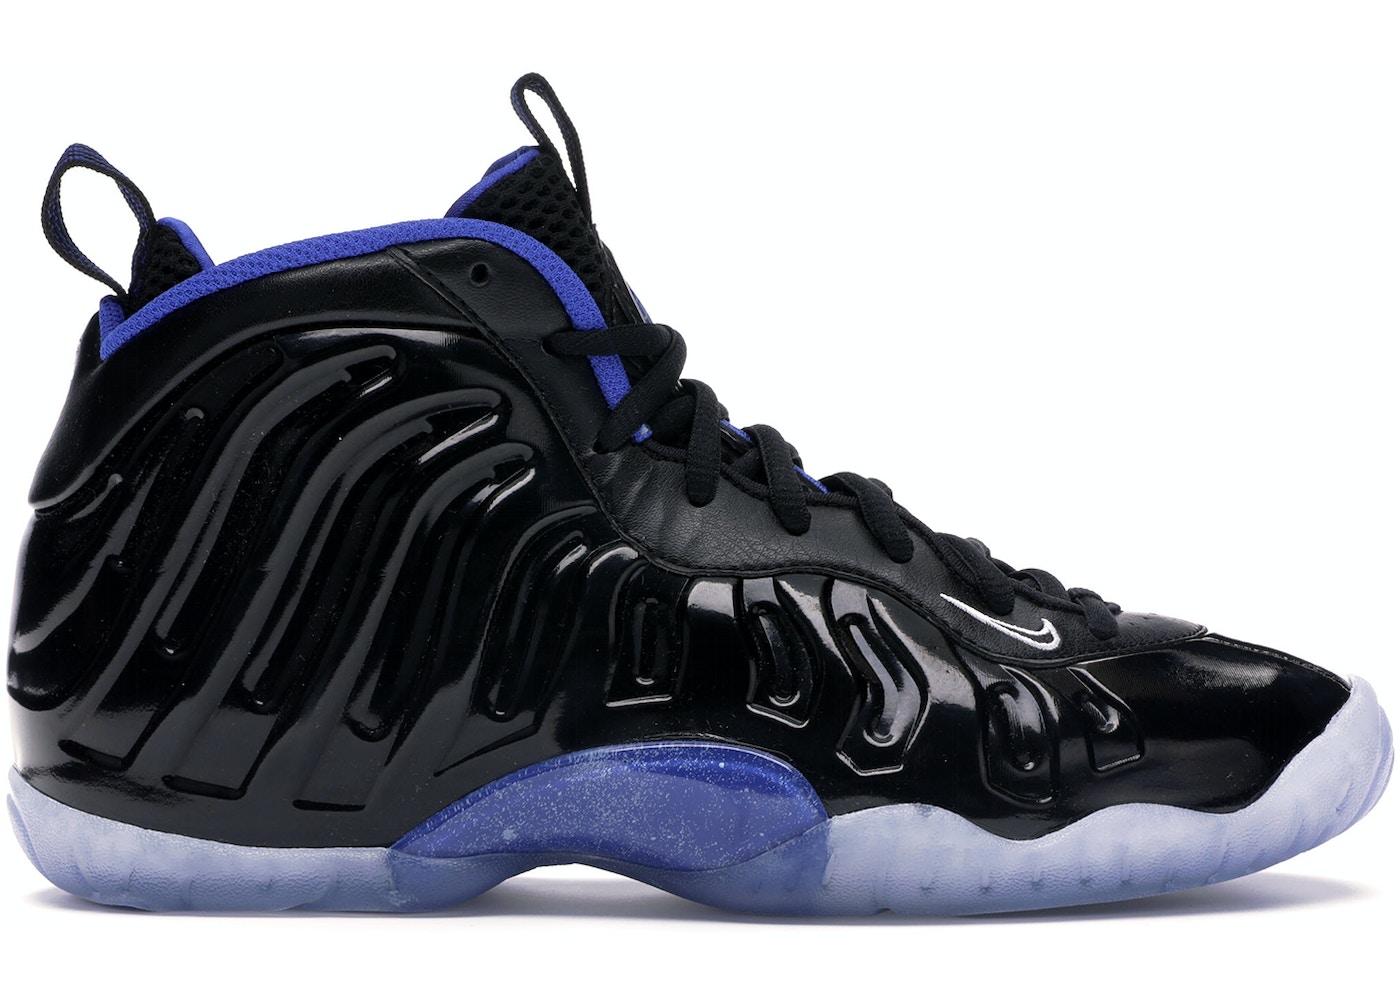 half off b7193 3a2c5 Buy Nike Foamposite Shoes & Deadstock Sneakers